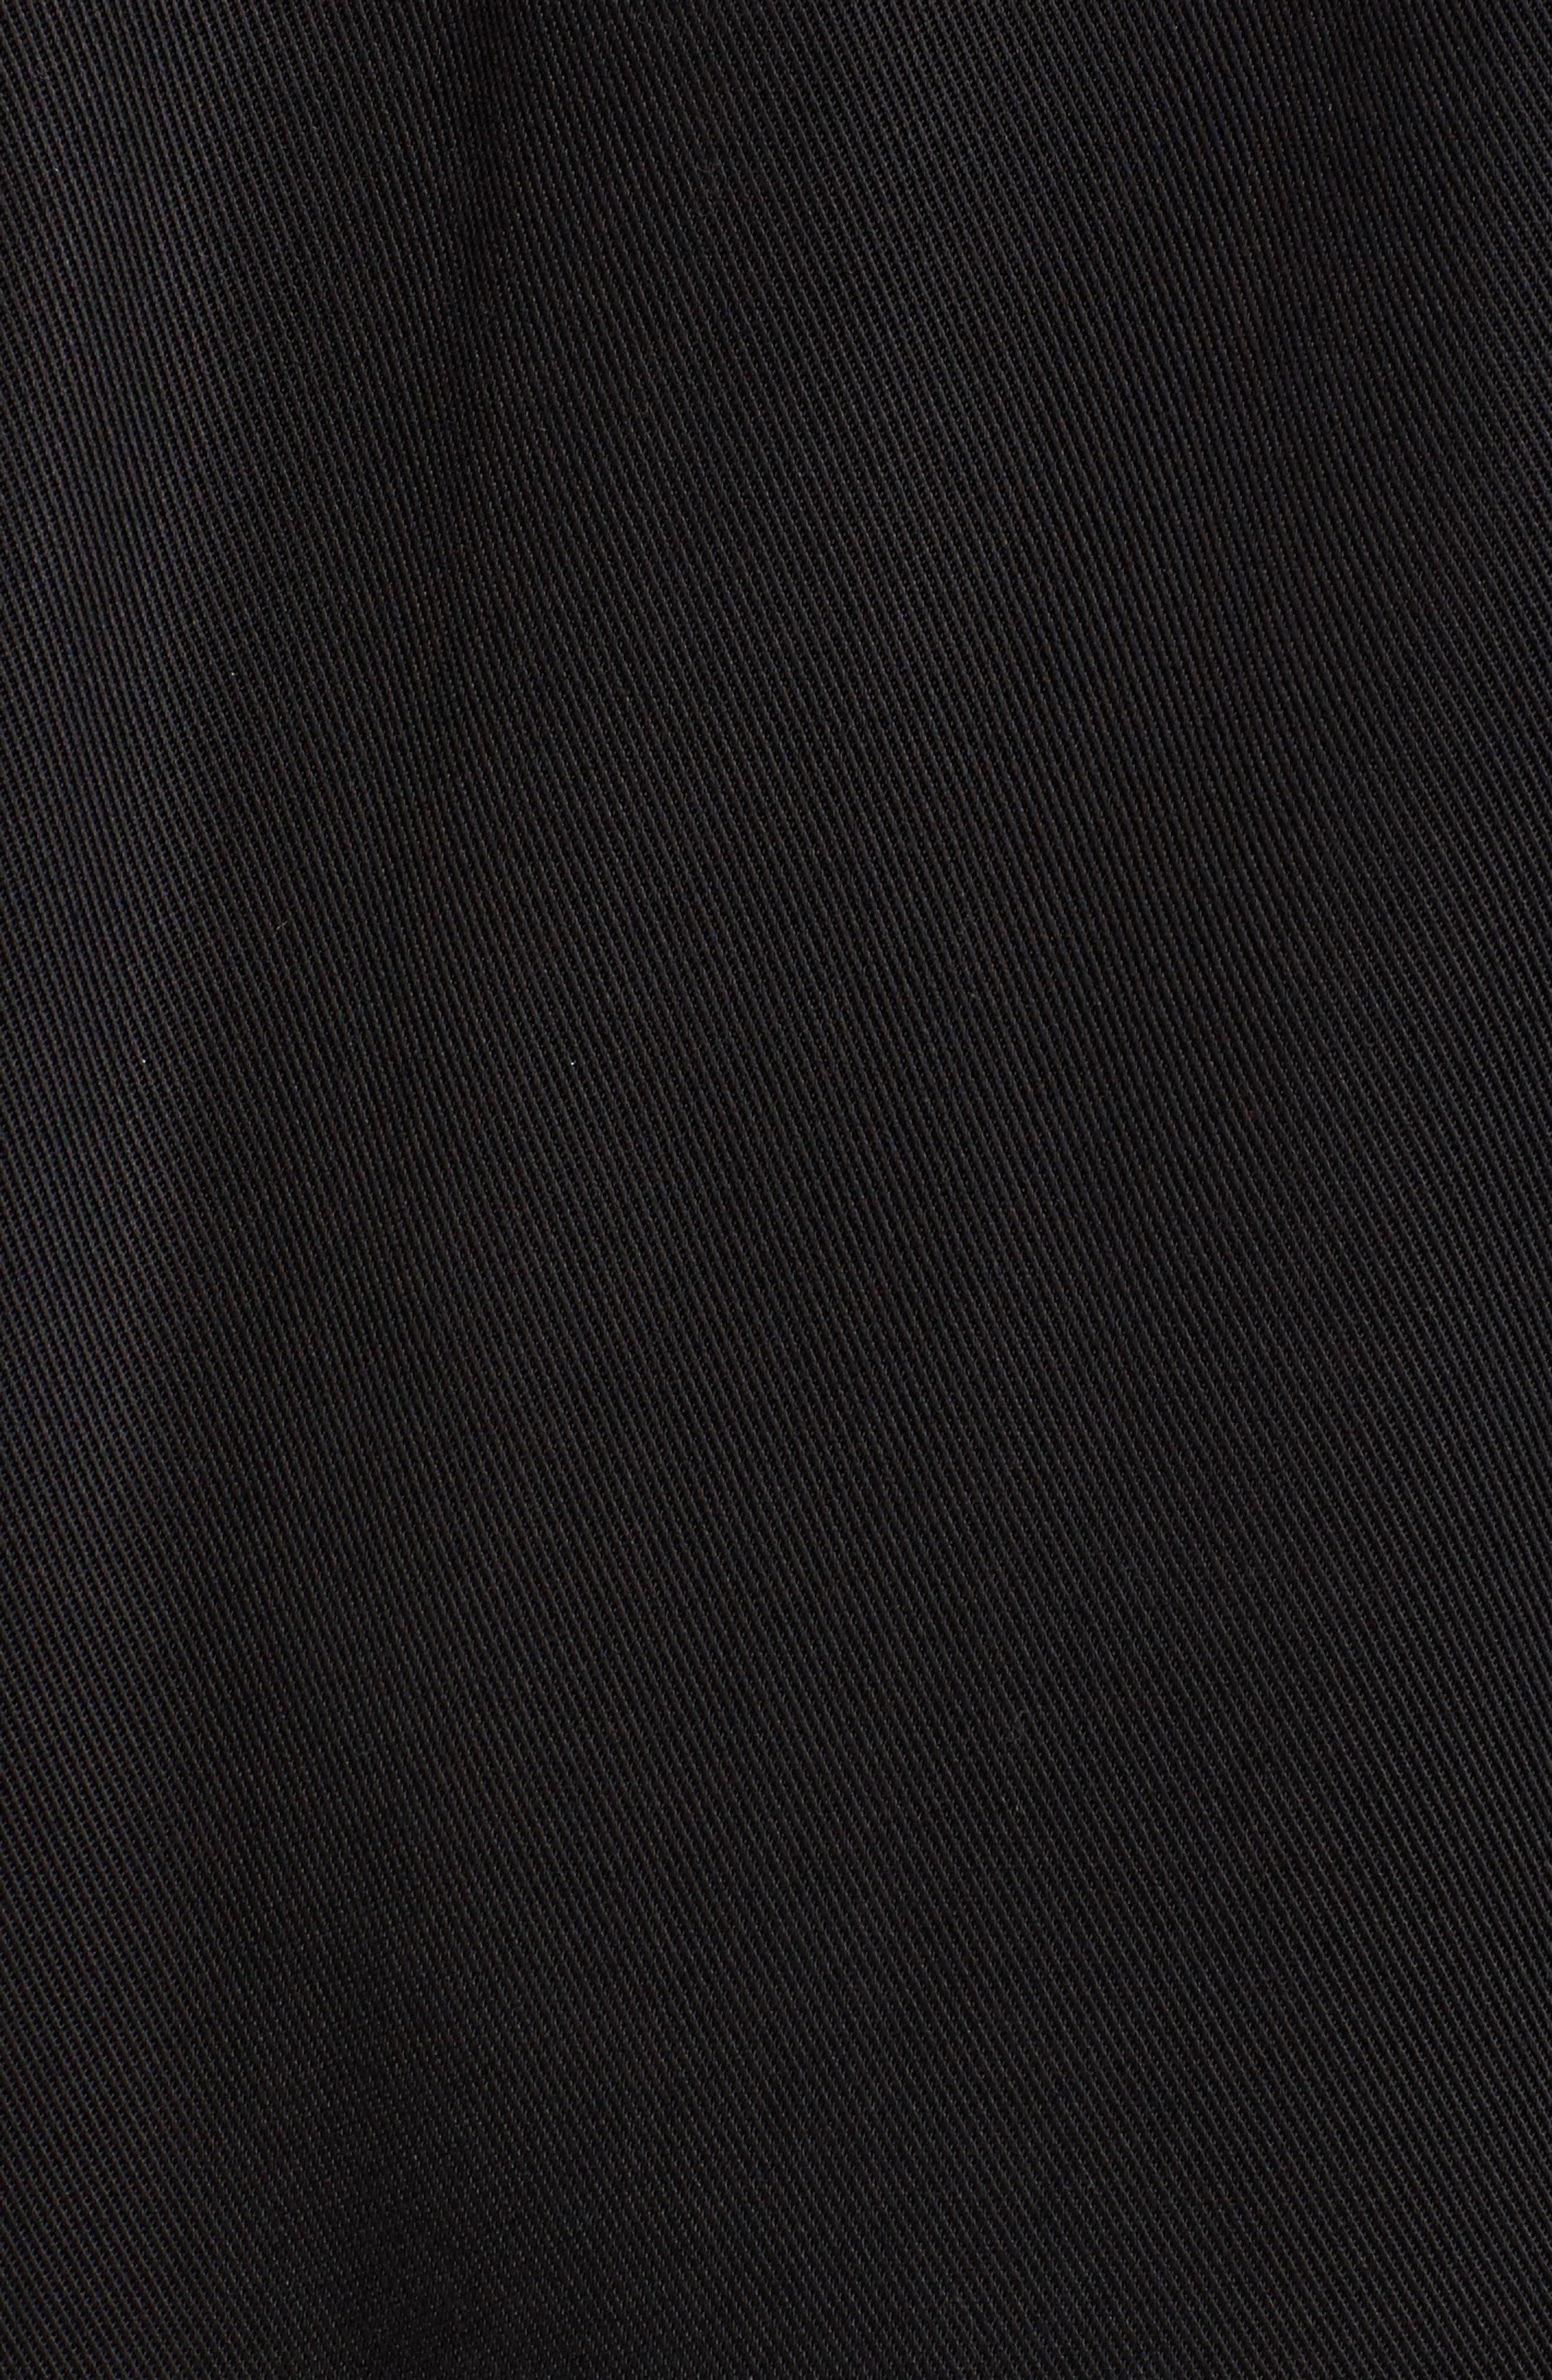 Tyler Hooded Trench Coat,                             Alternate thumbnail 5, color,                             Black